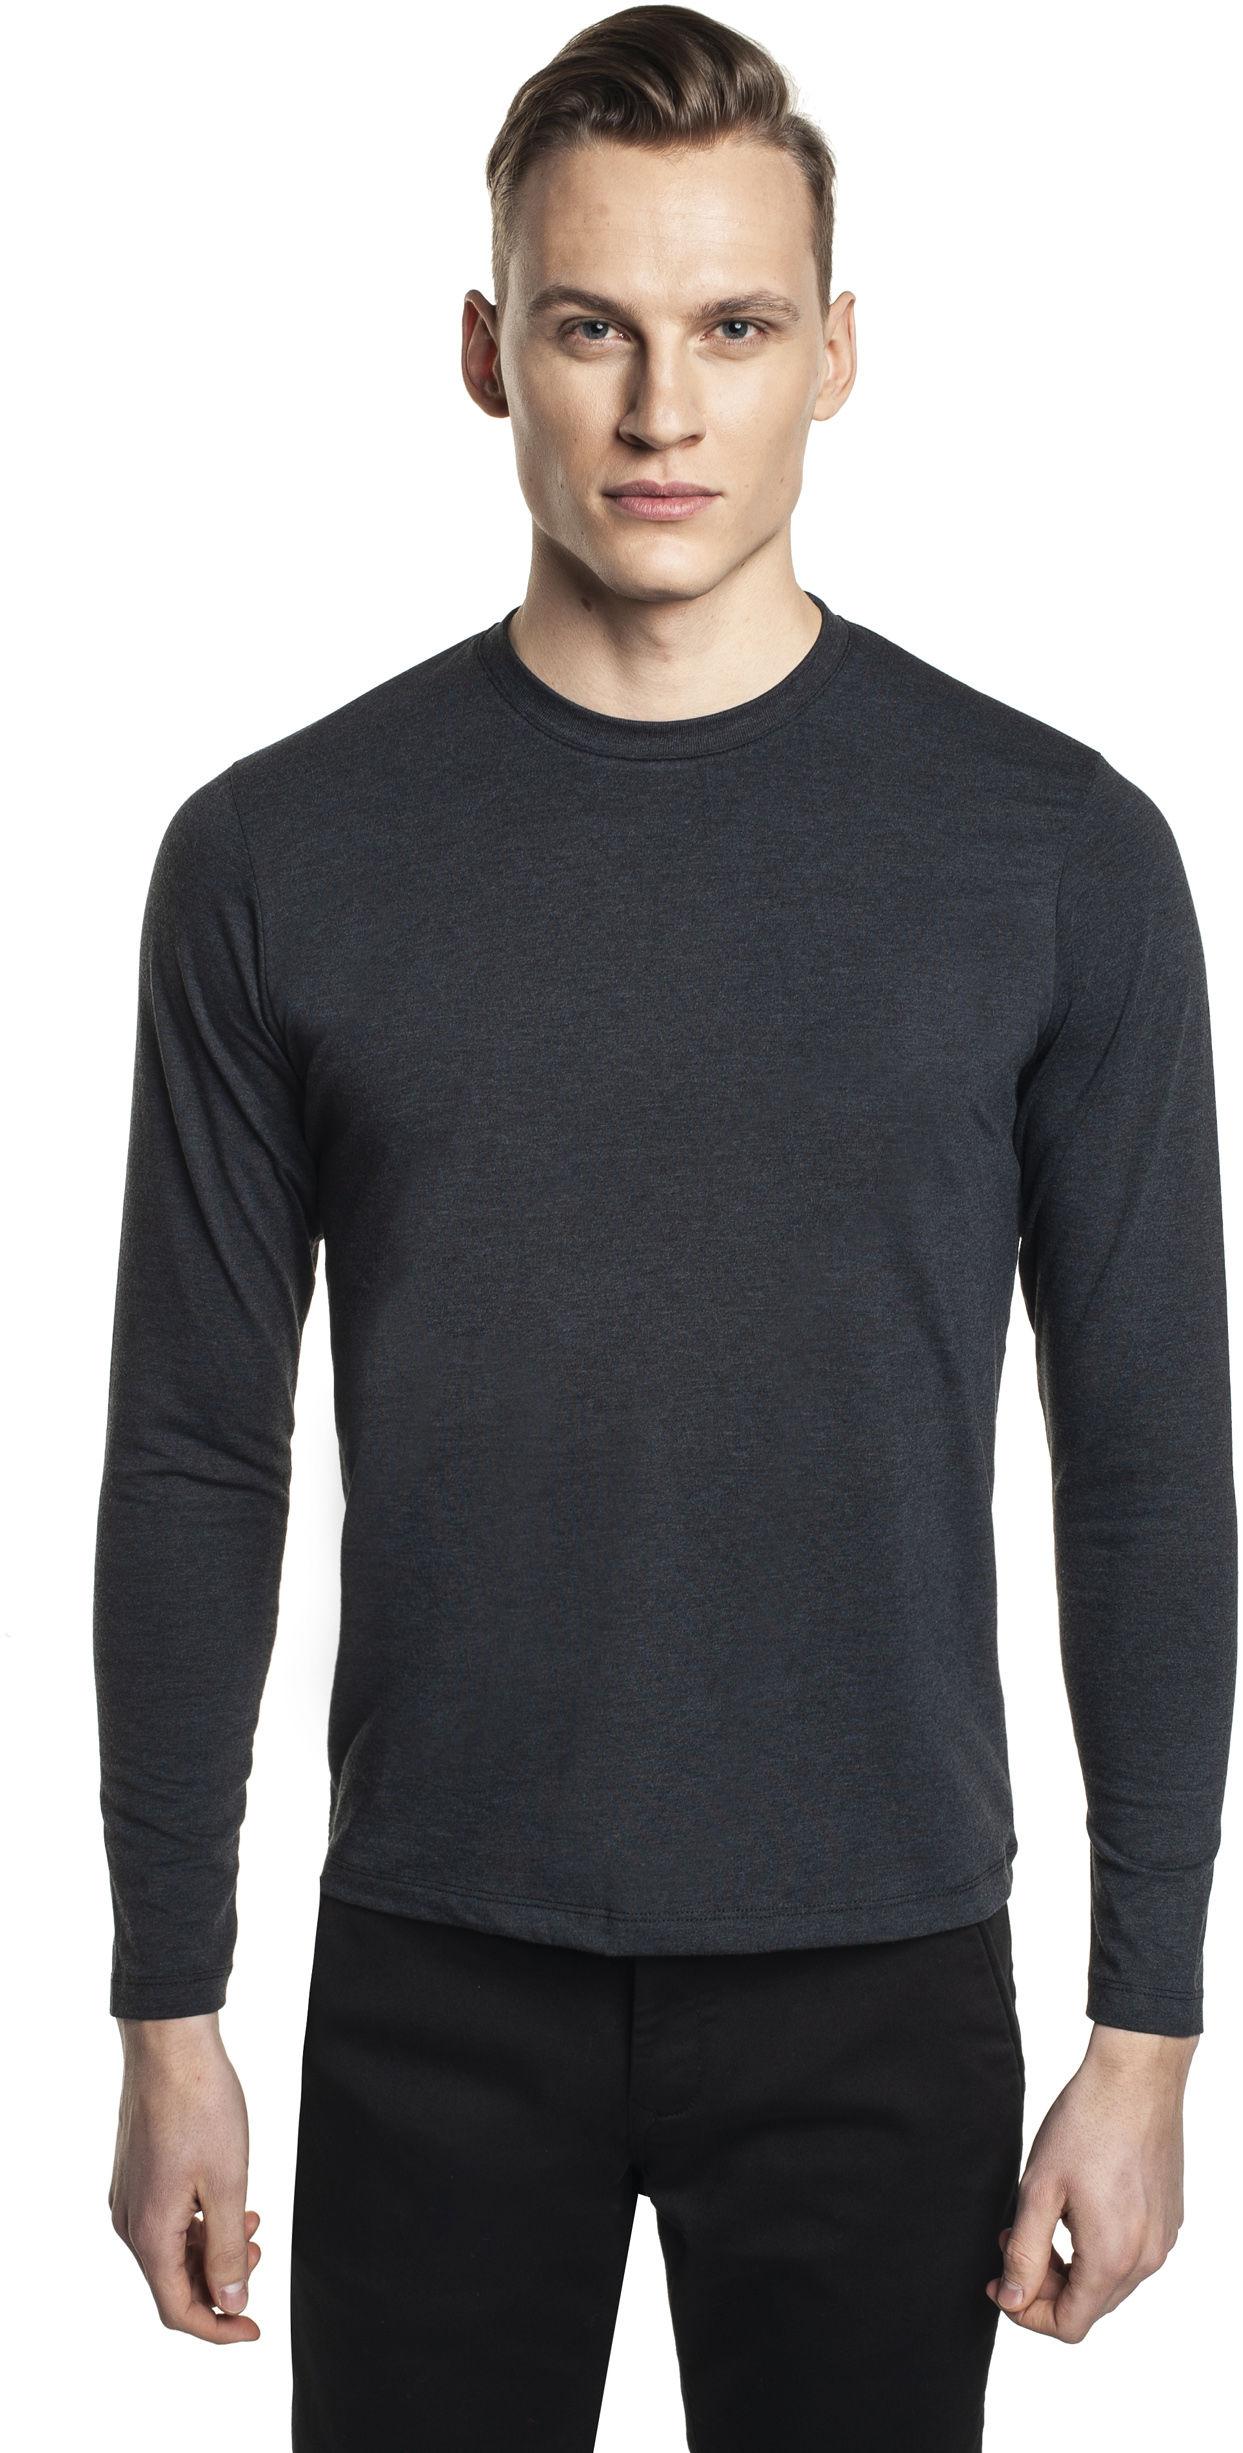 bluza cinisi półgolf czarny